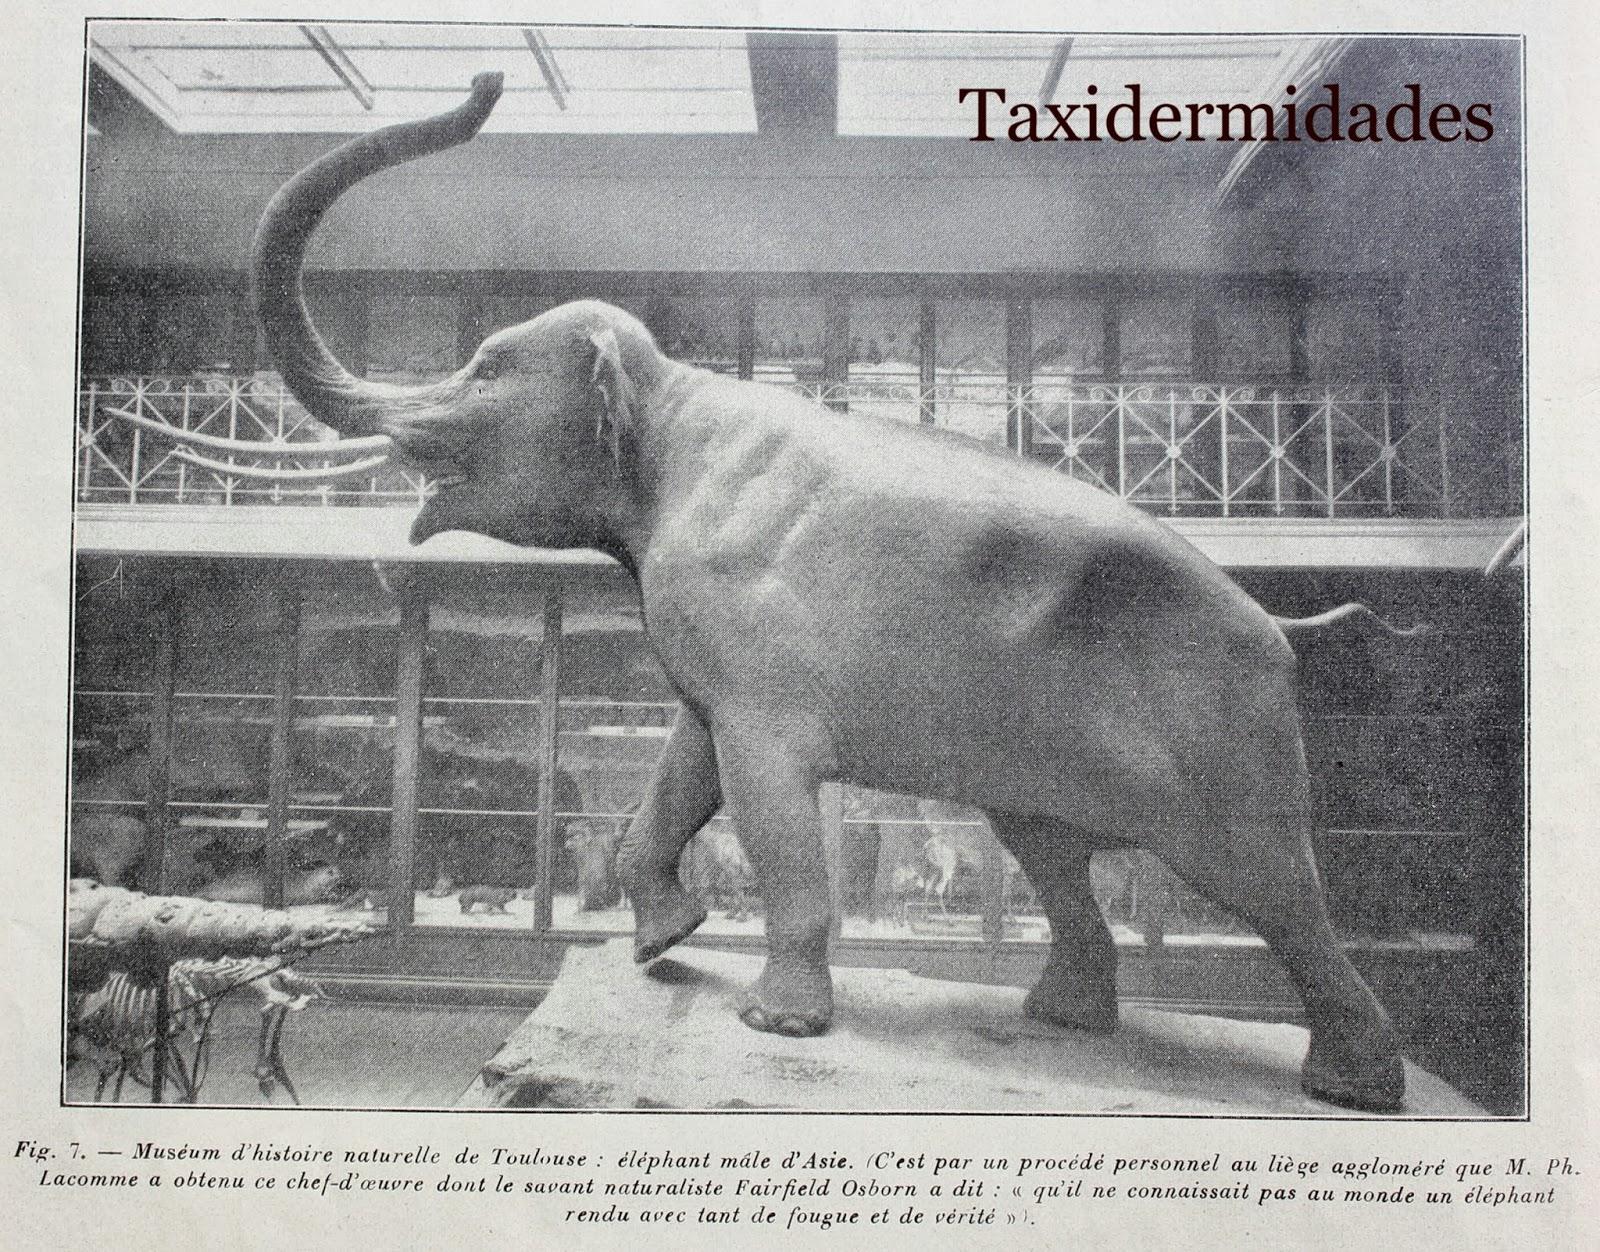 El uso del corcho aglomerado en la Taxidermia. El elefante del Museo ...